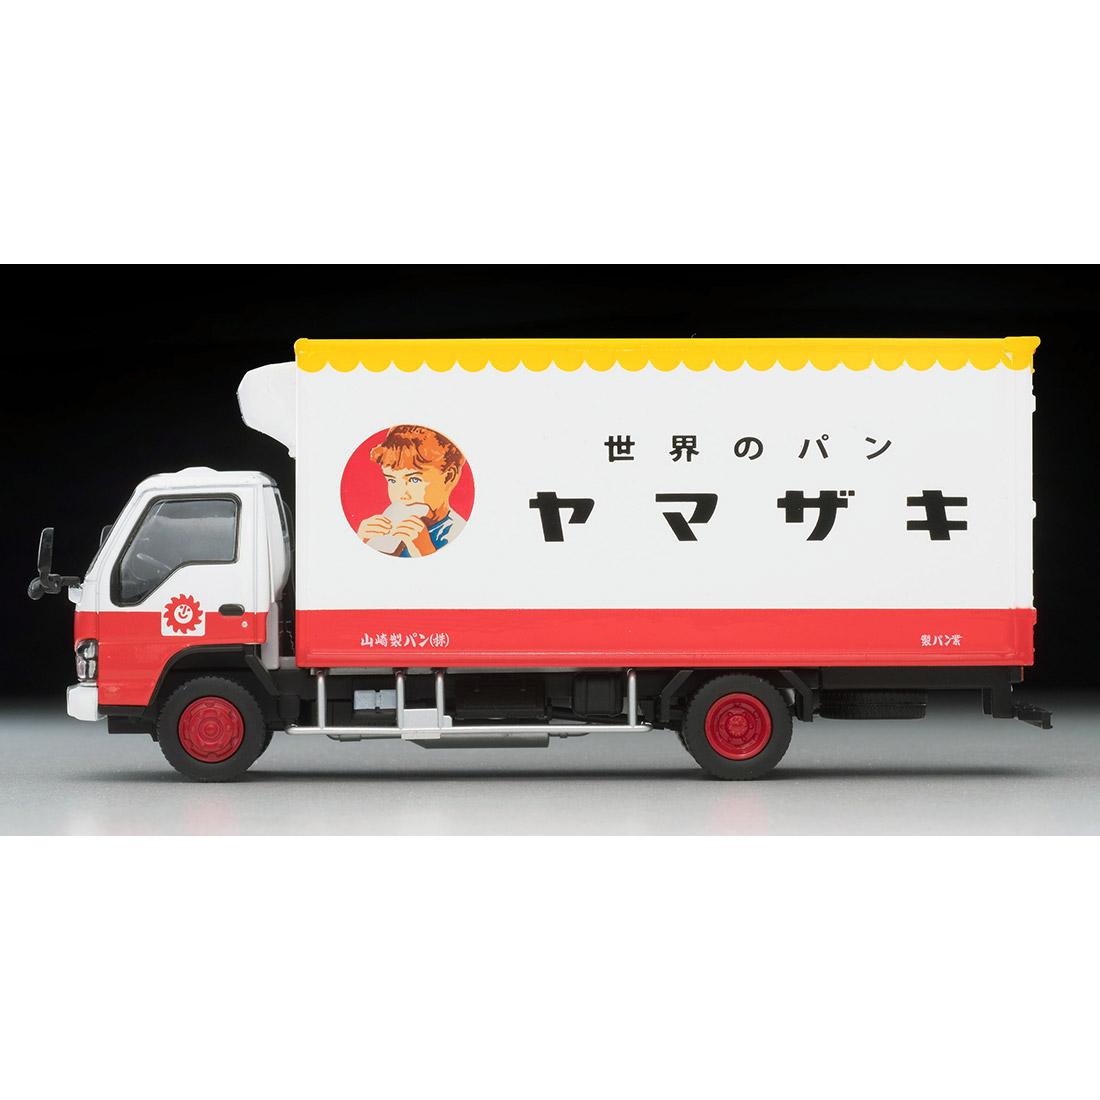 トミカリミテッドヴィンテージ ネオ LV-N195b『いすゞエルフ パネルバン(ヤマザキパン)』1/64 ミニカー-006